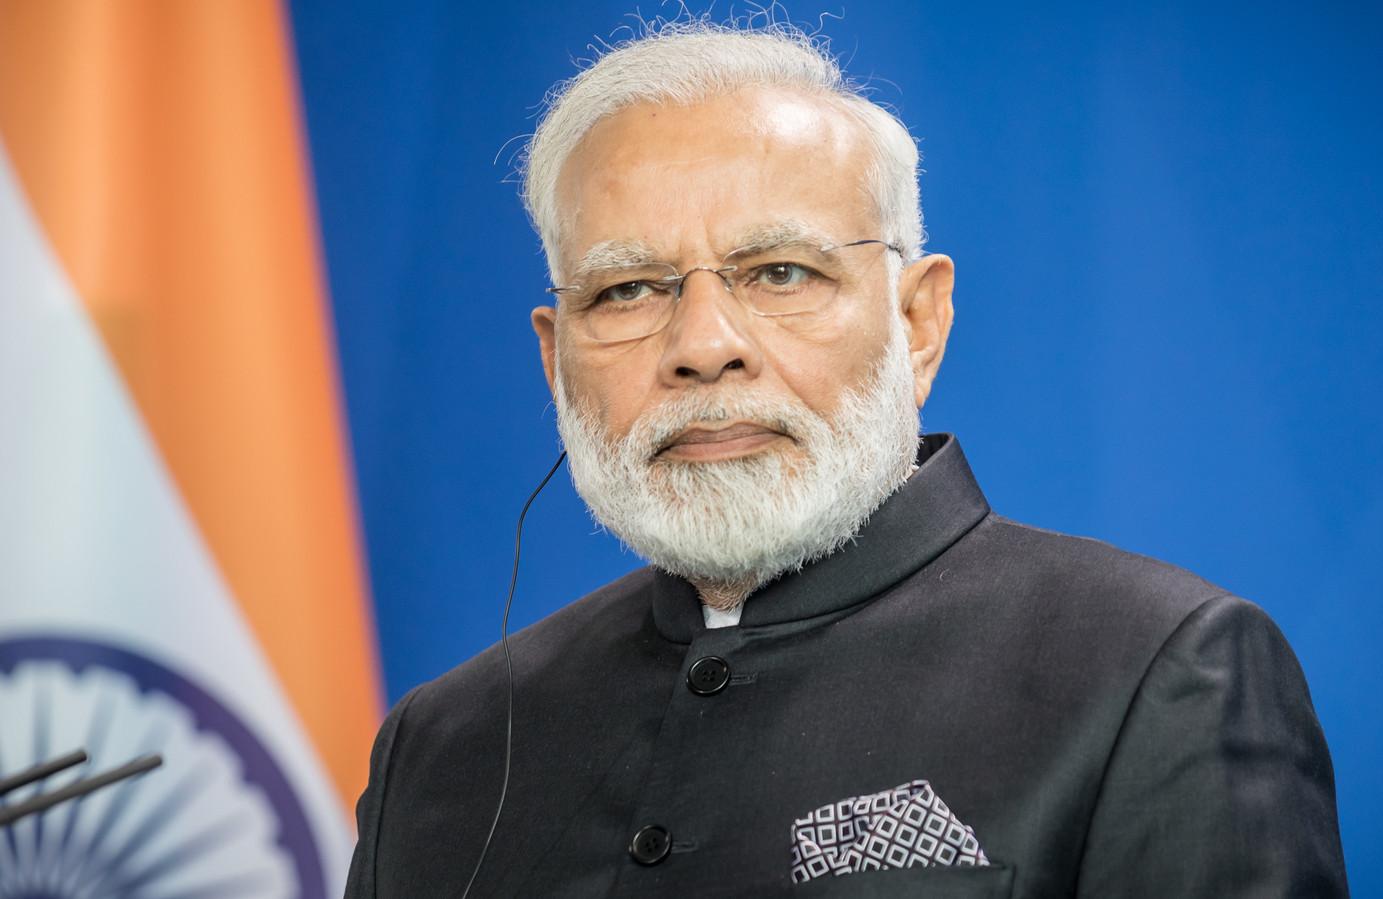 Premier Narendra Modi eist dat de afschuwelijke dood van de olifant niet zonder gevolgen blijft.  Hij krijgt daarbij steun van miljoenen burgers, onder wie prominente zakenlieden, actuers en sporters.